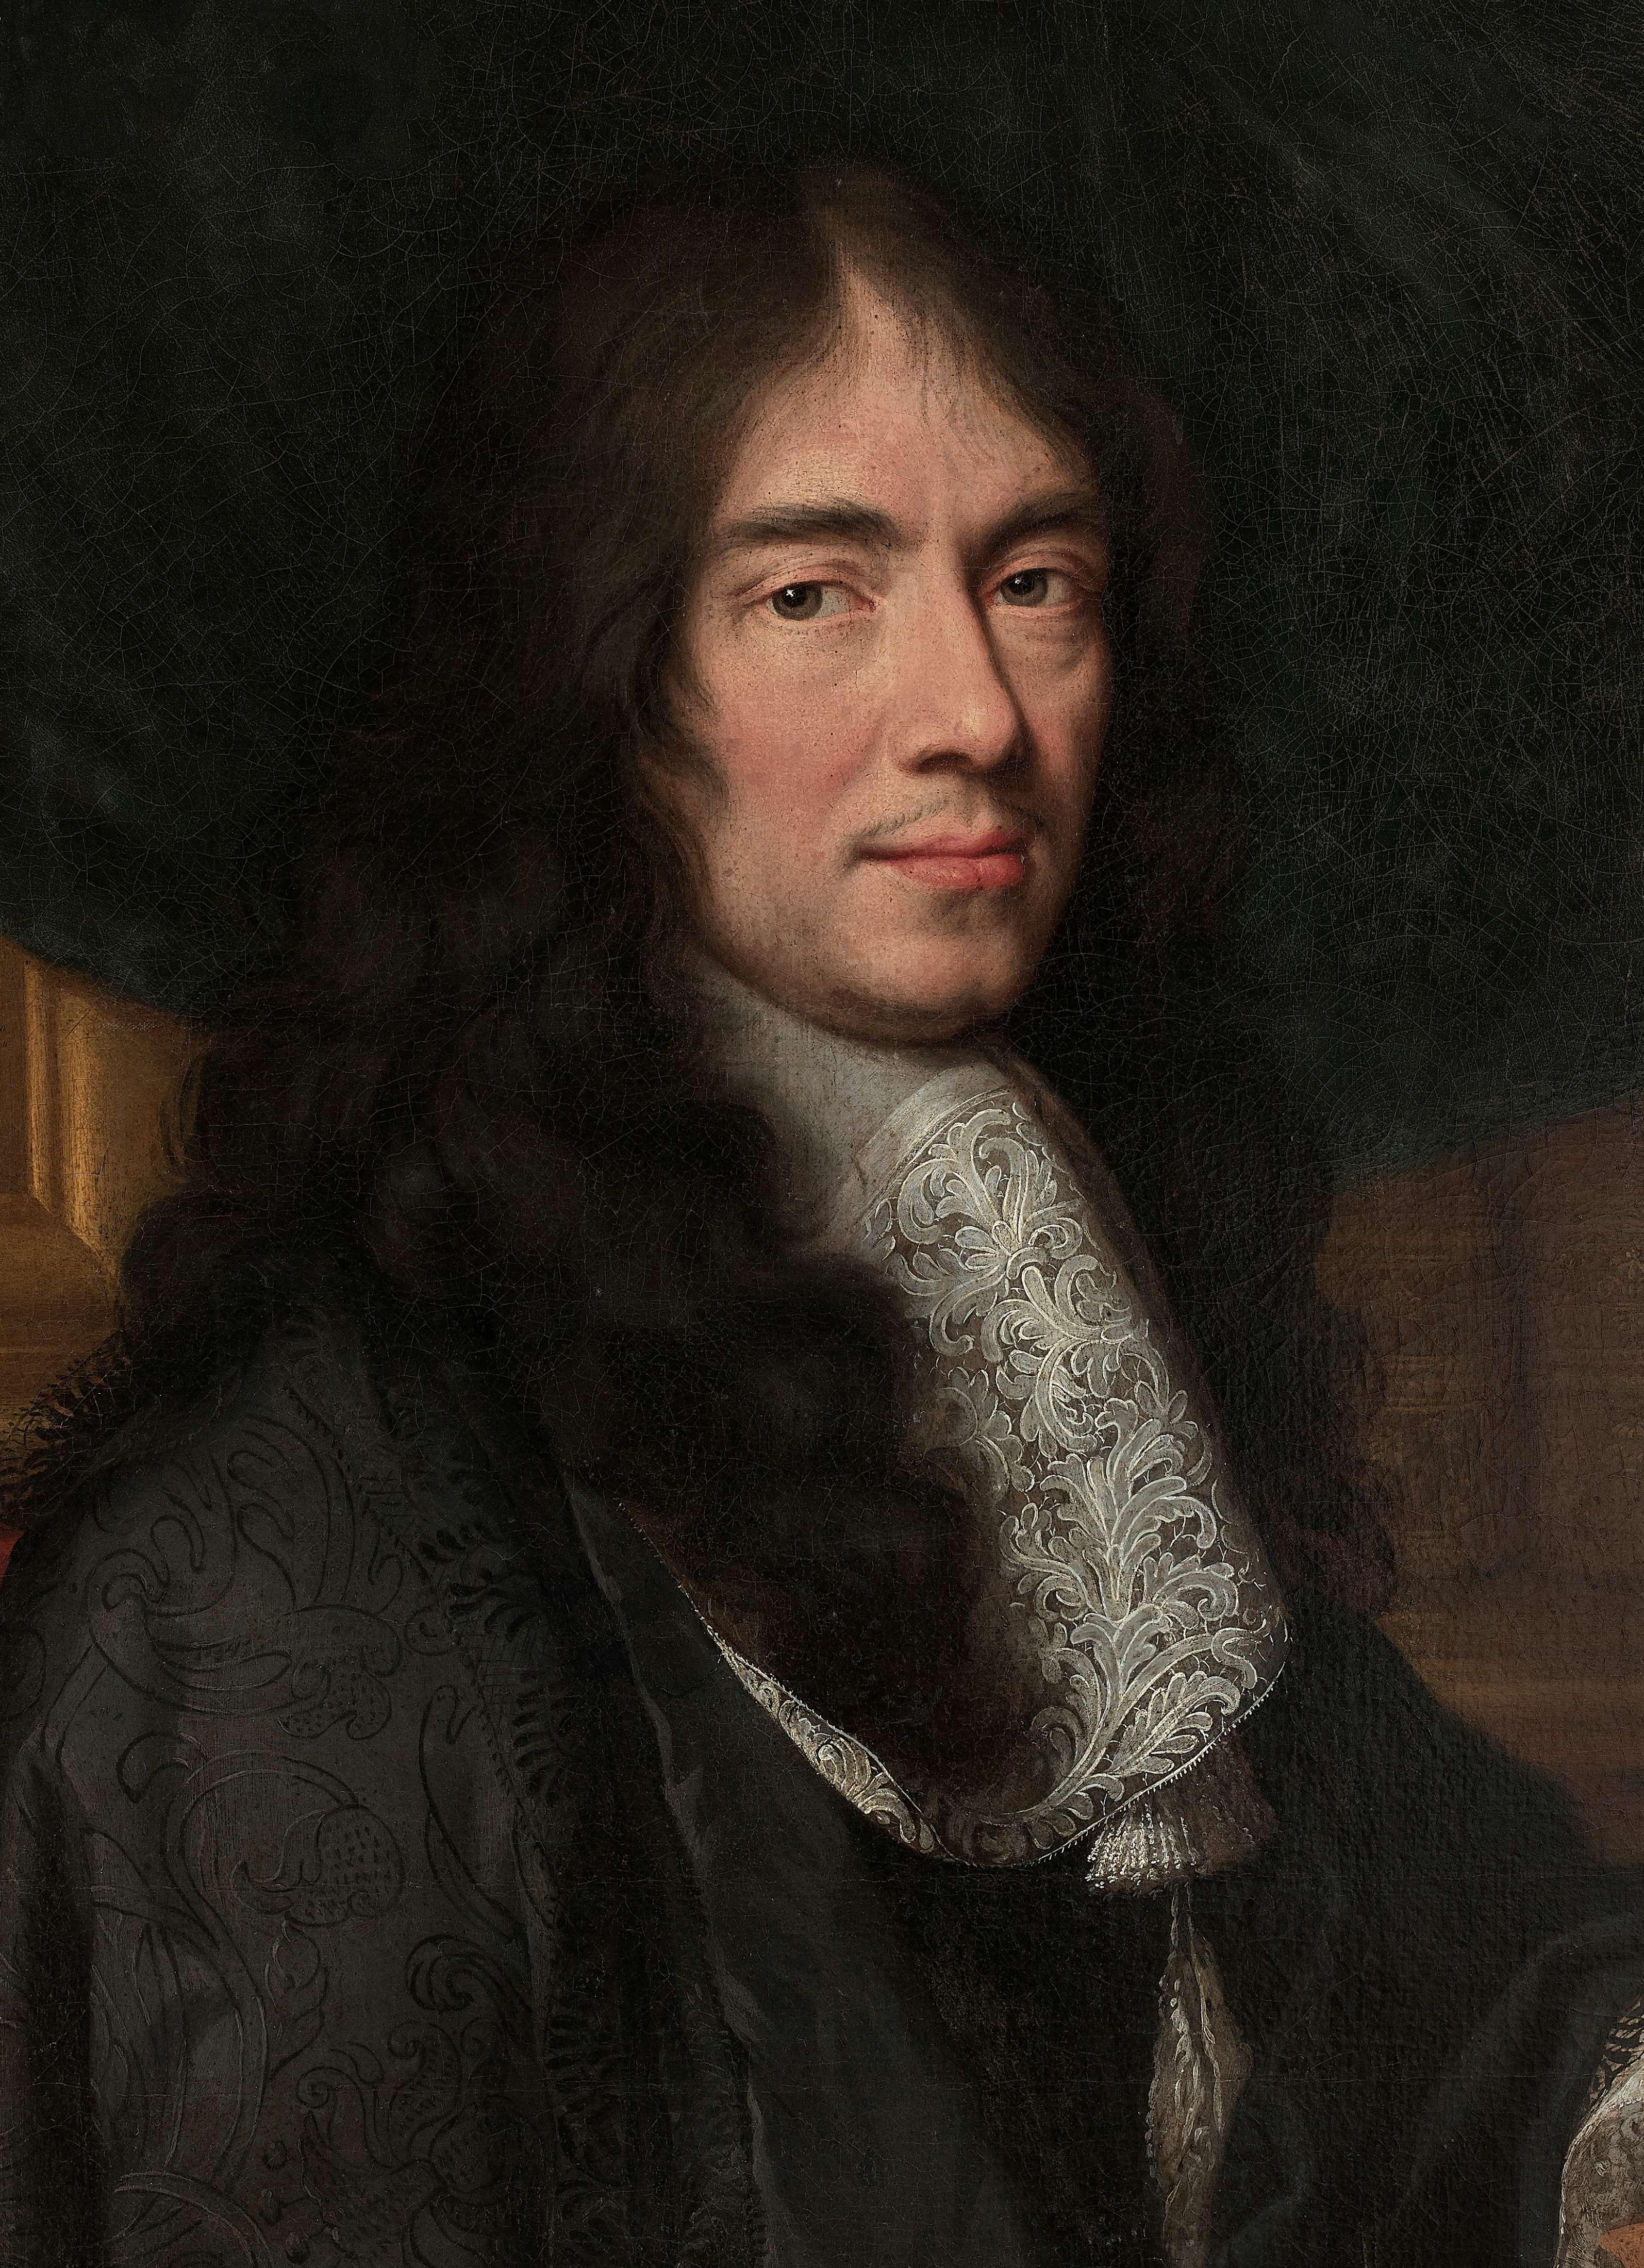 Portrait (detail) by [[Charles Le Brun]]